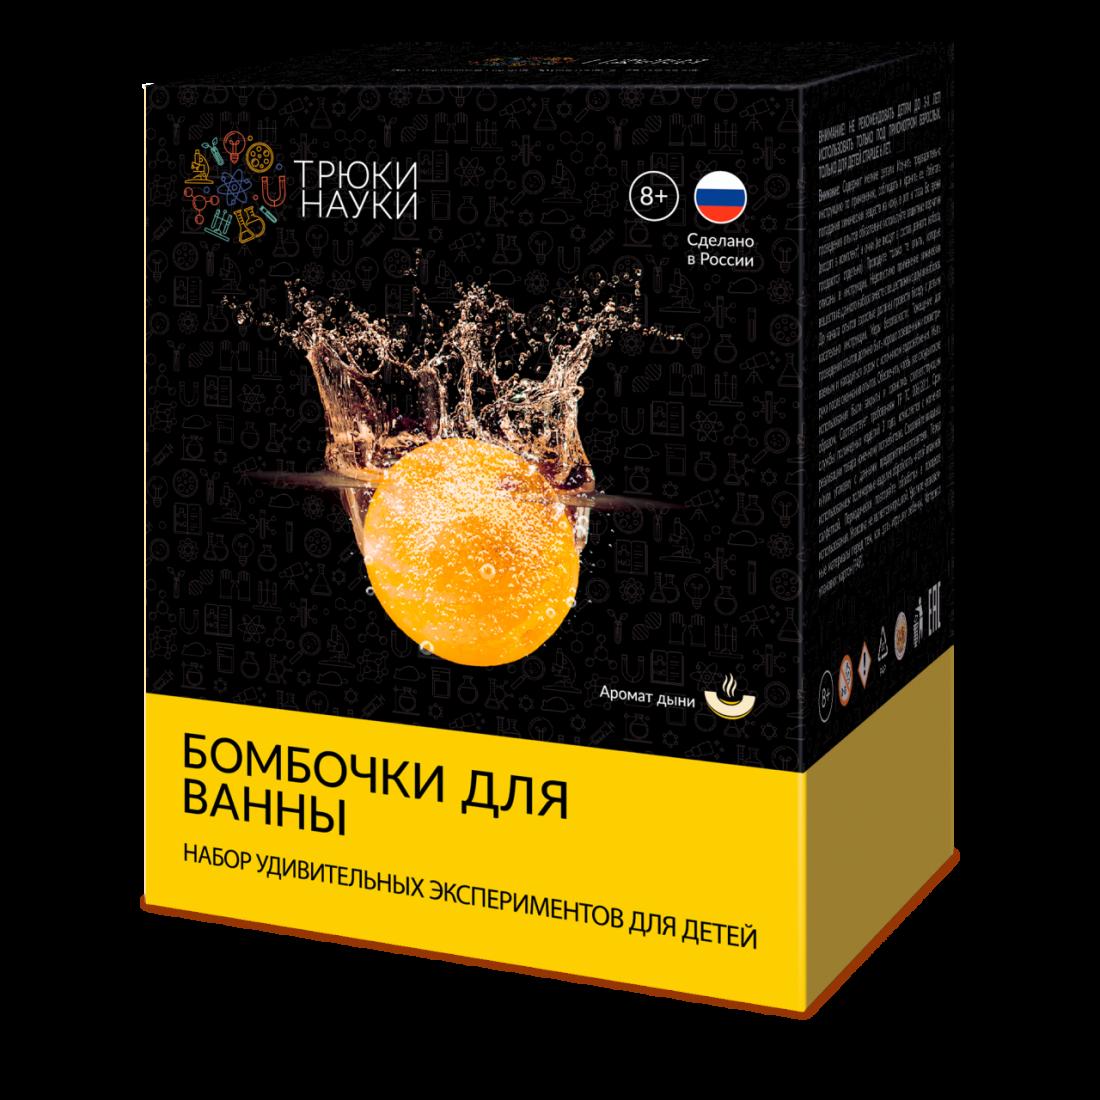 Набор ТРЮКИ НАУКИ Z115 Бомбочки для ванны (дыня)